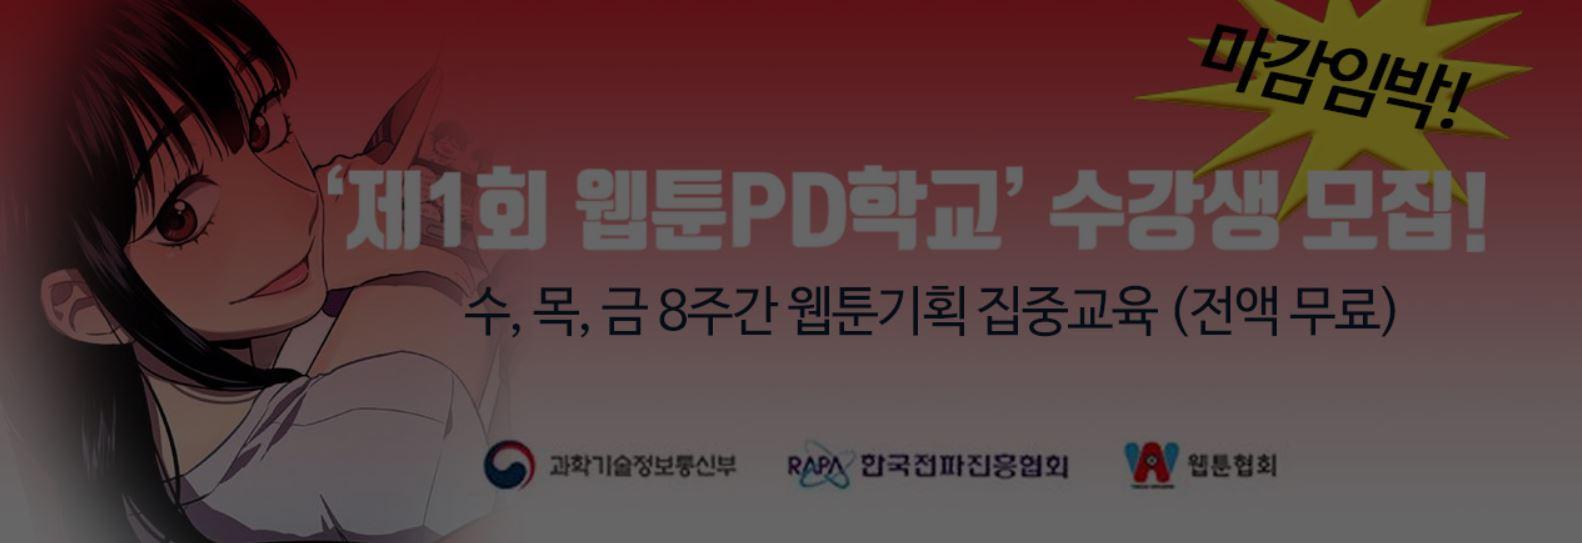 「웹툰 pd학교」の画像検索結果